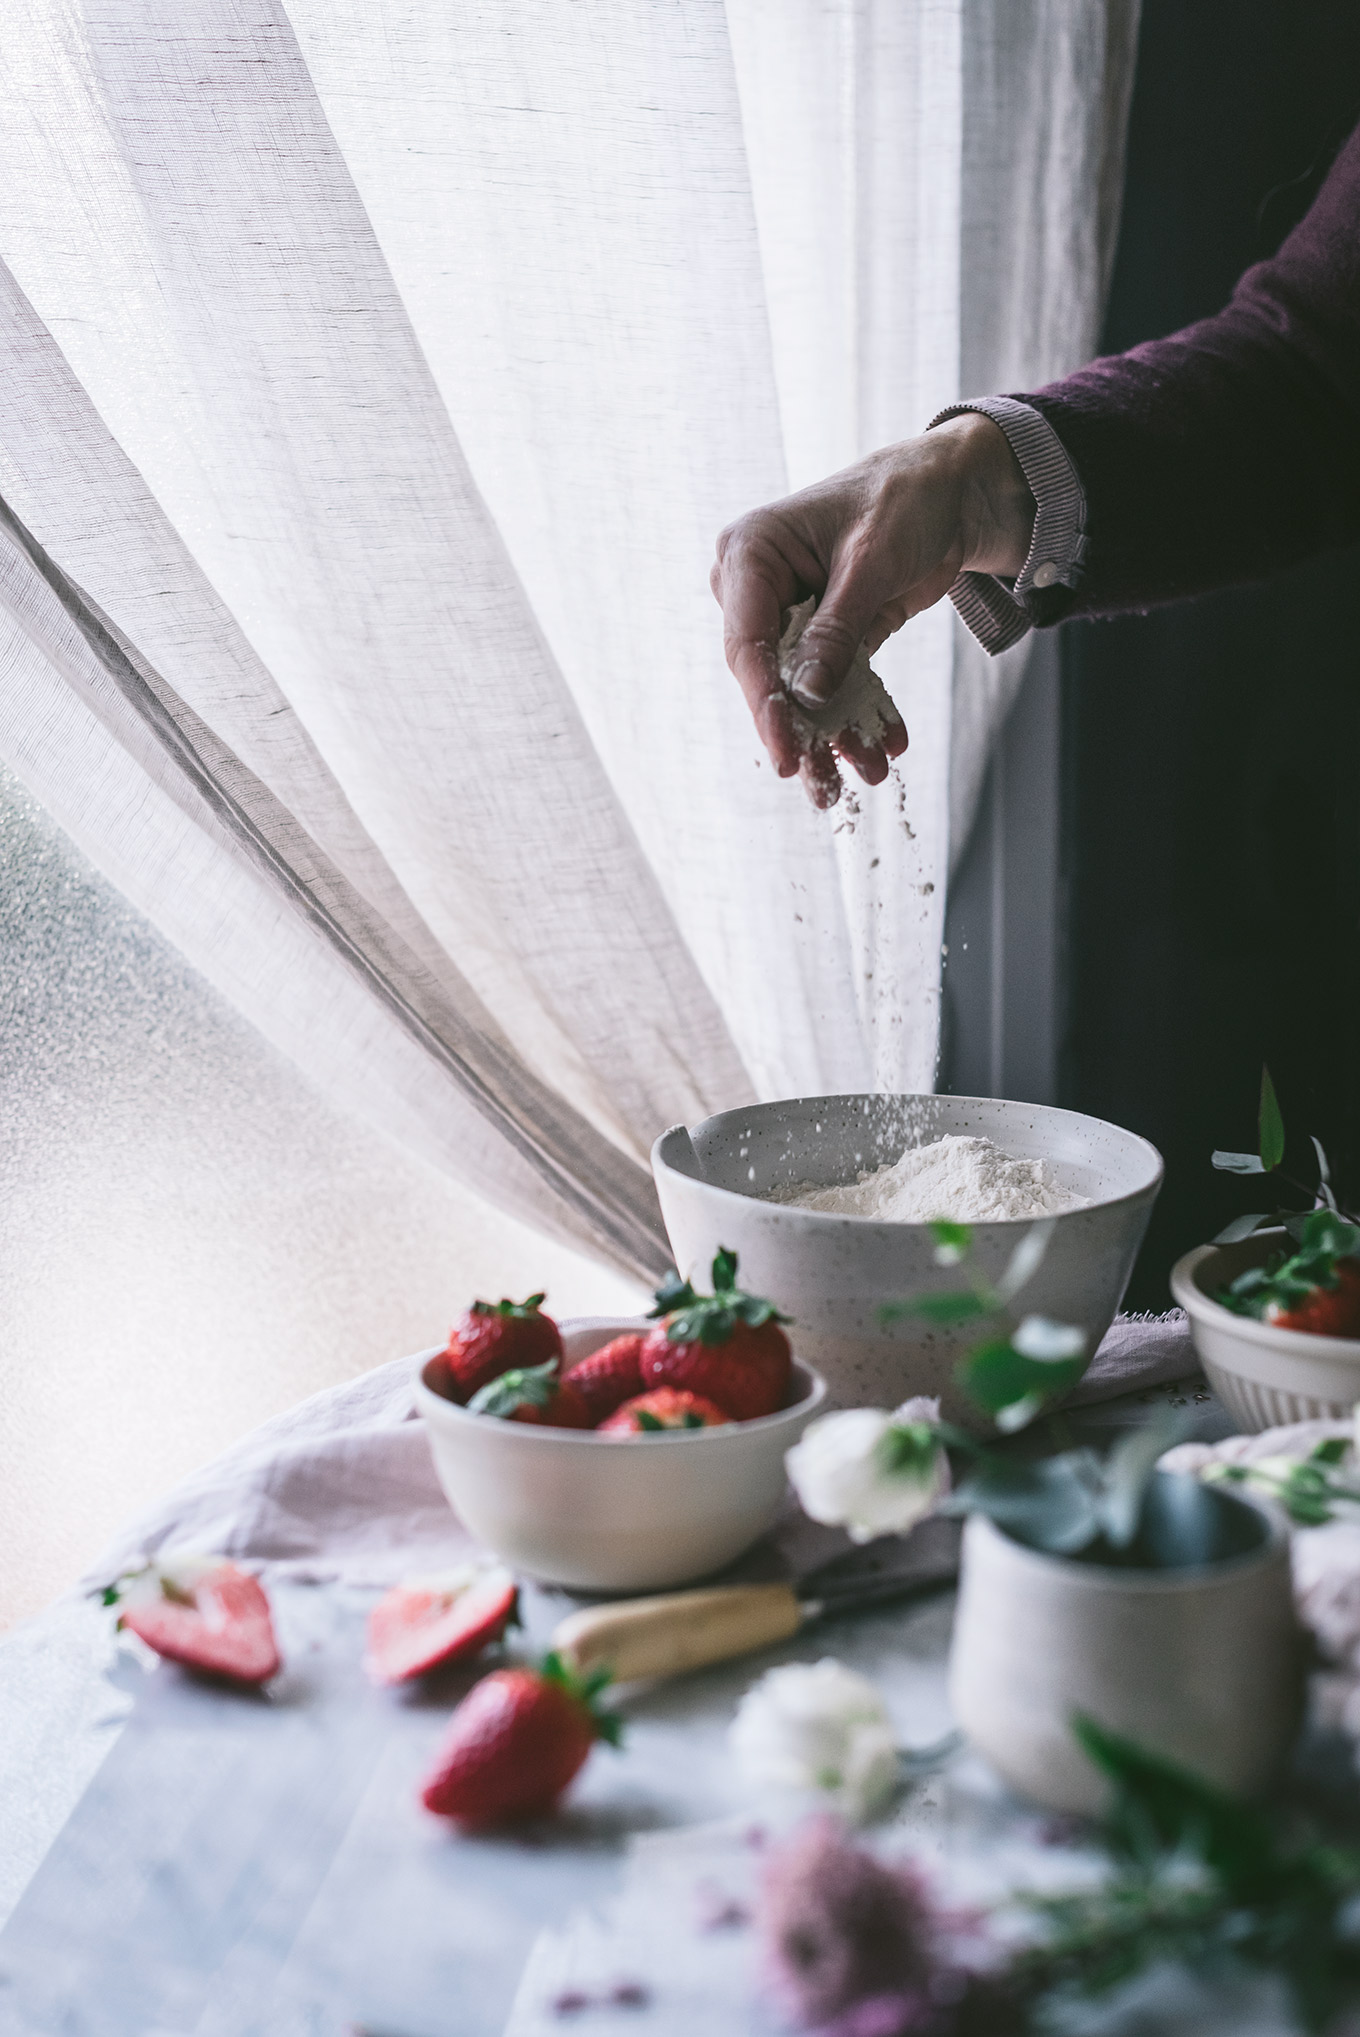 elaboración de la receta de scones ingleses